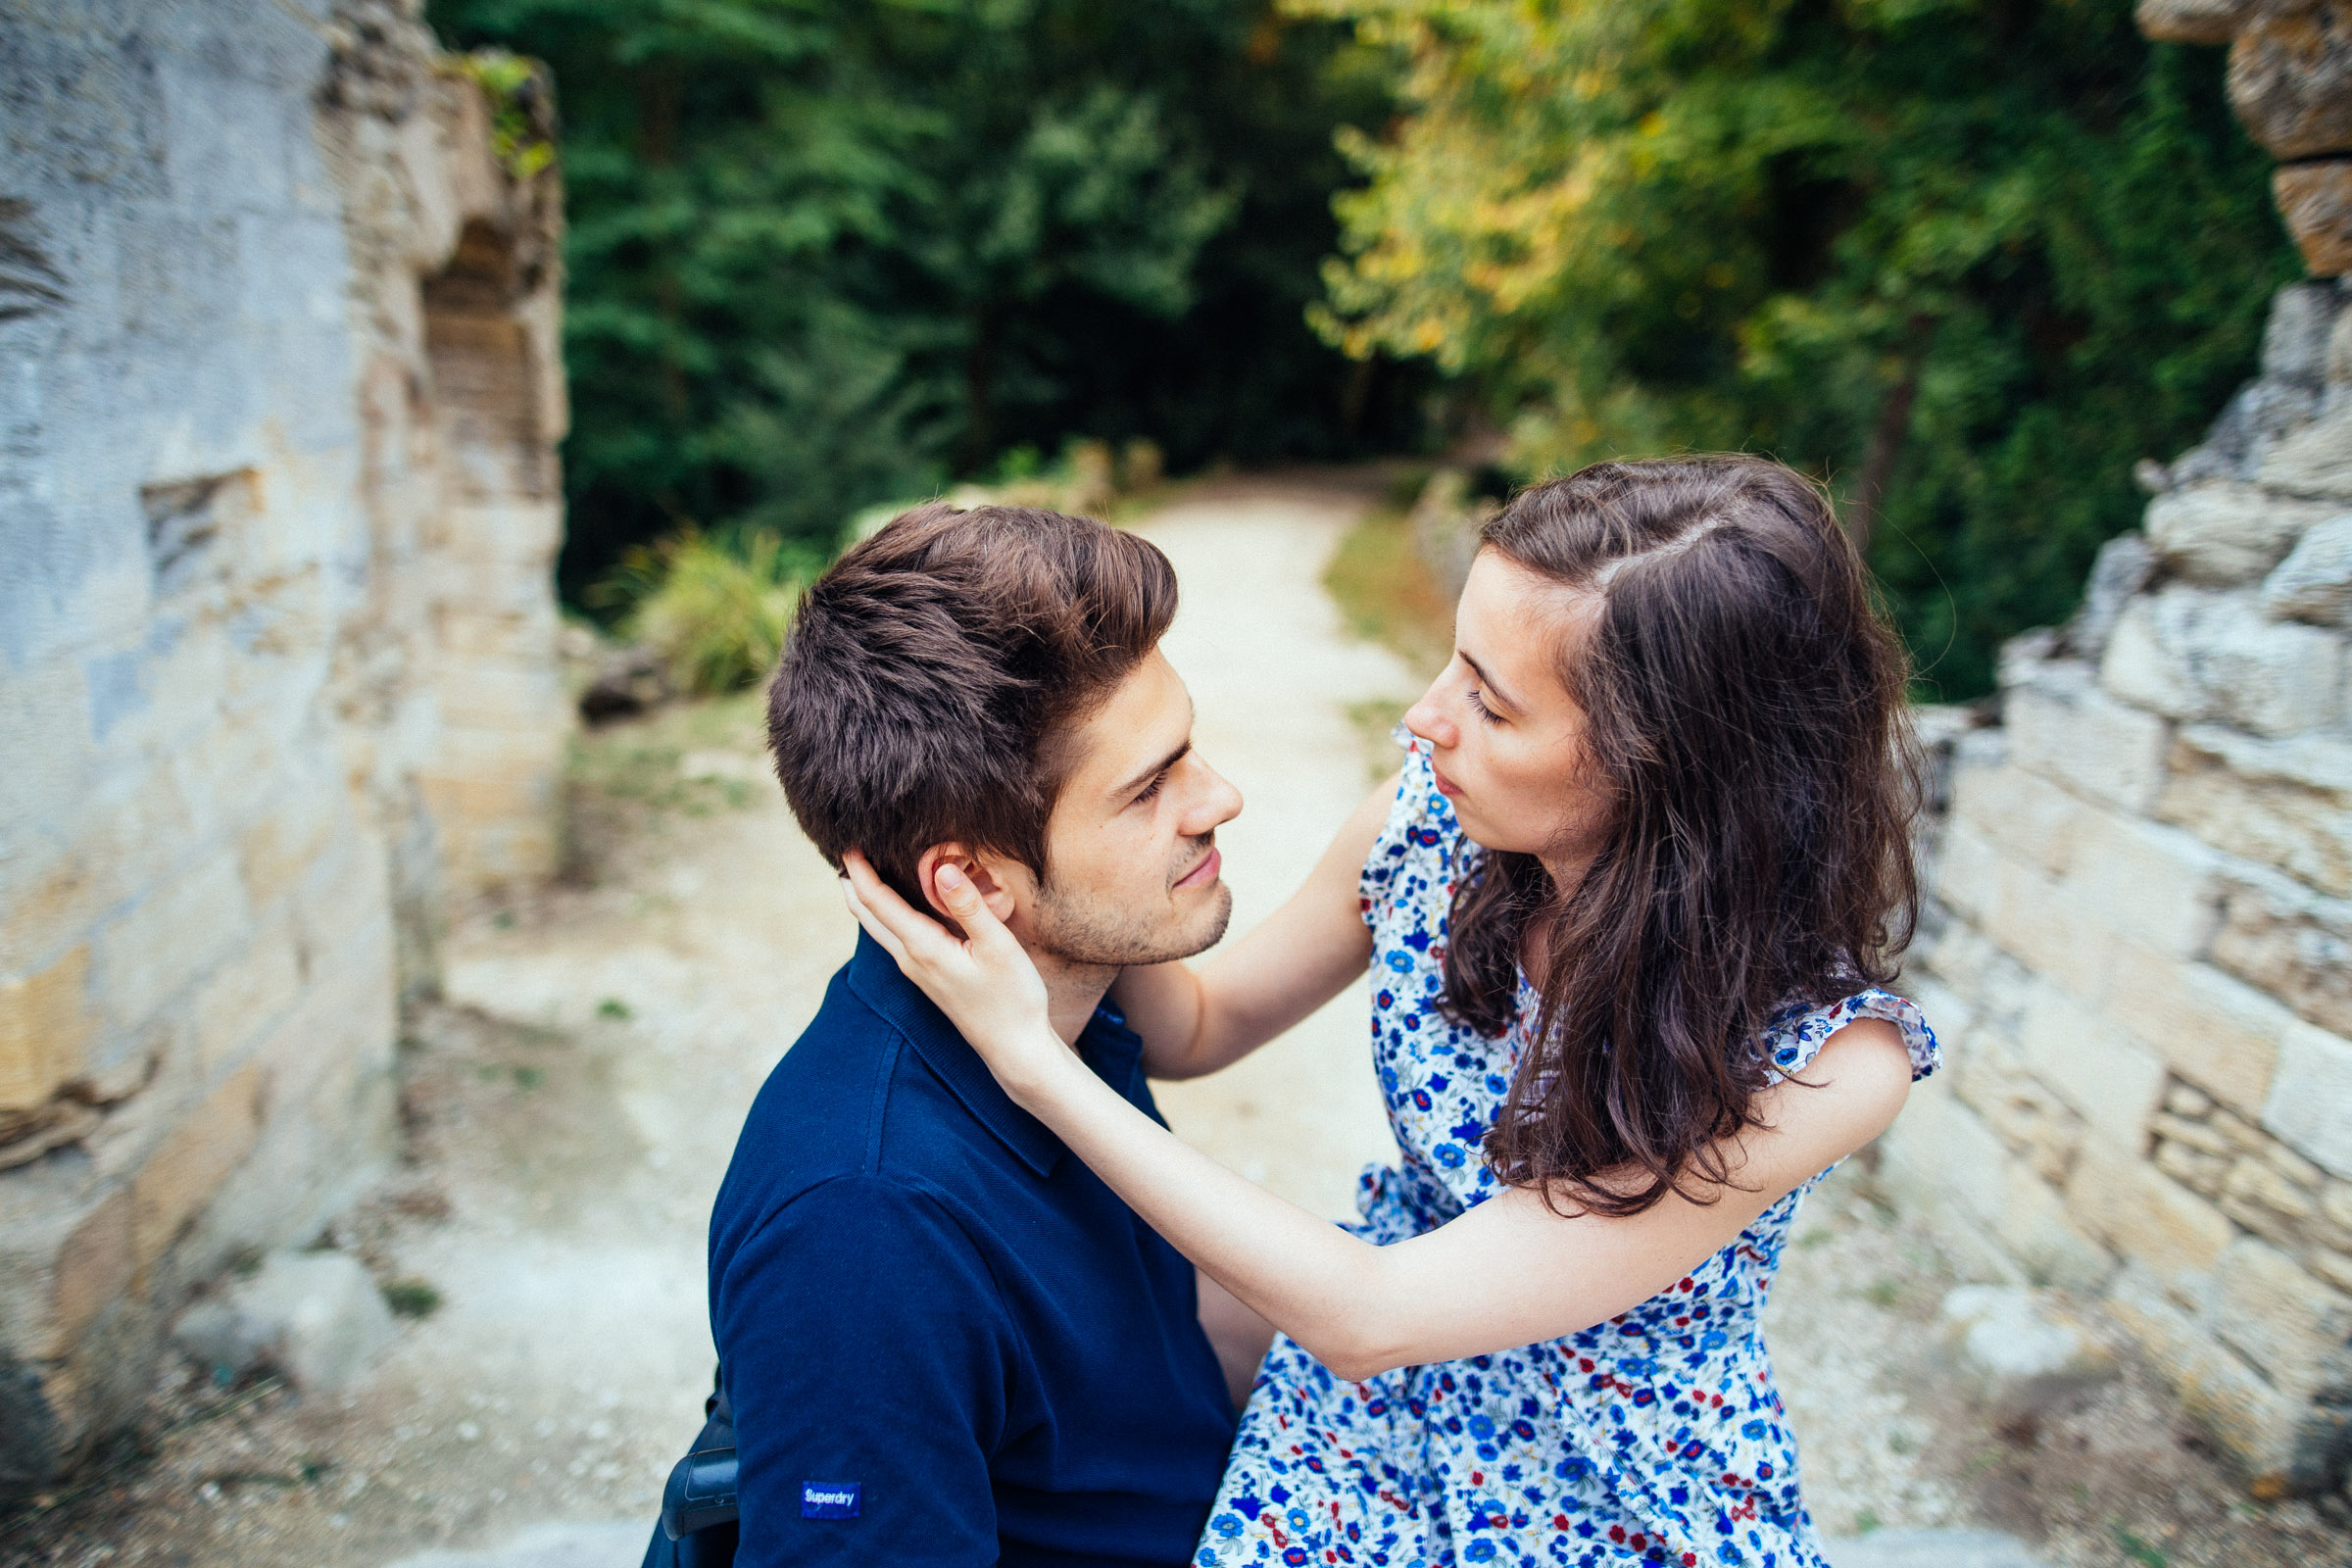 Love_Session_Annabel_Kevin_Adeline_Este_Photographe-53.jpg